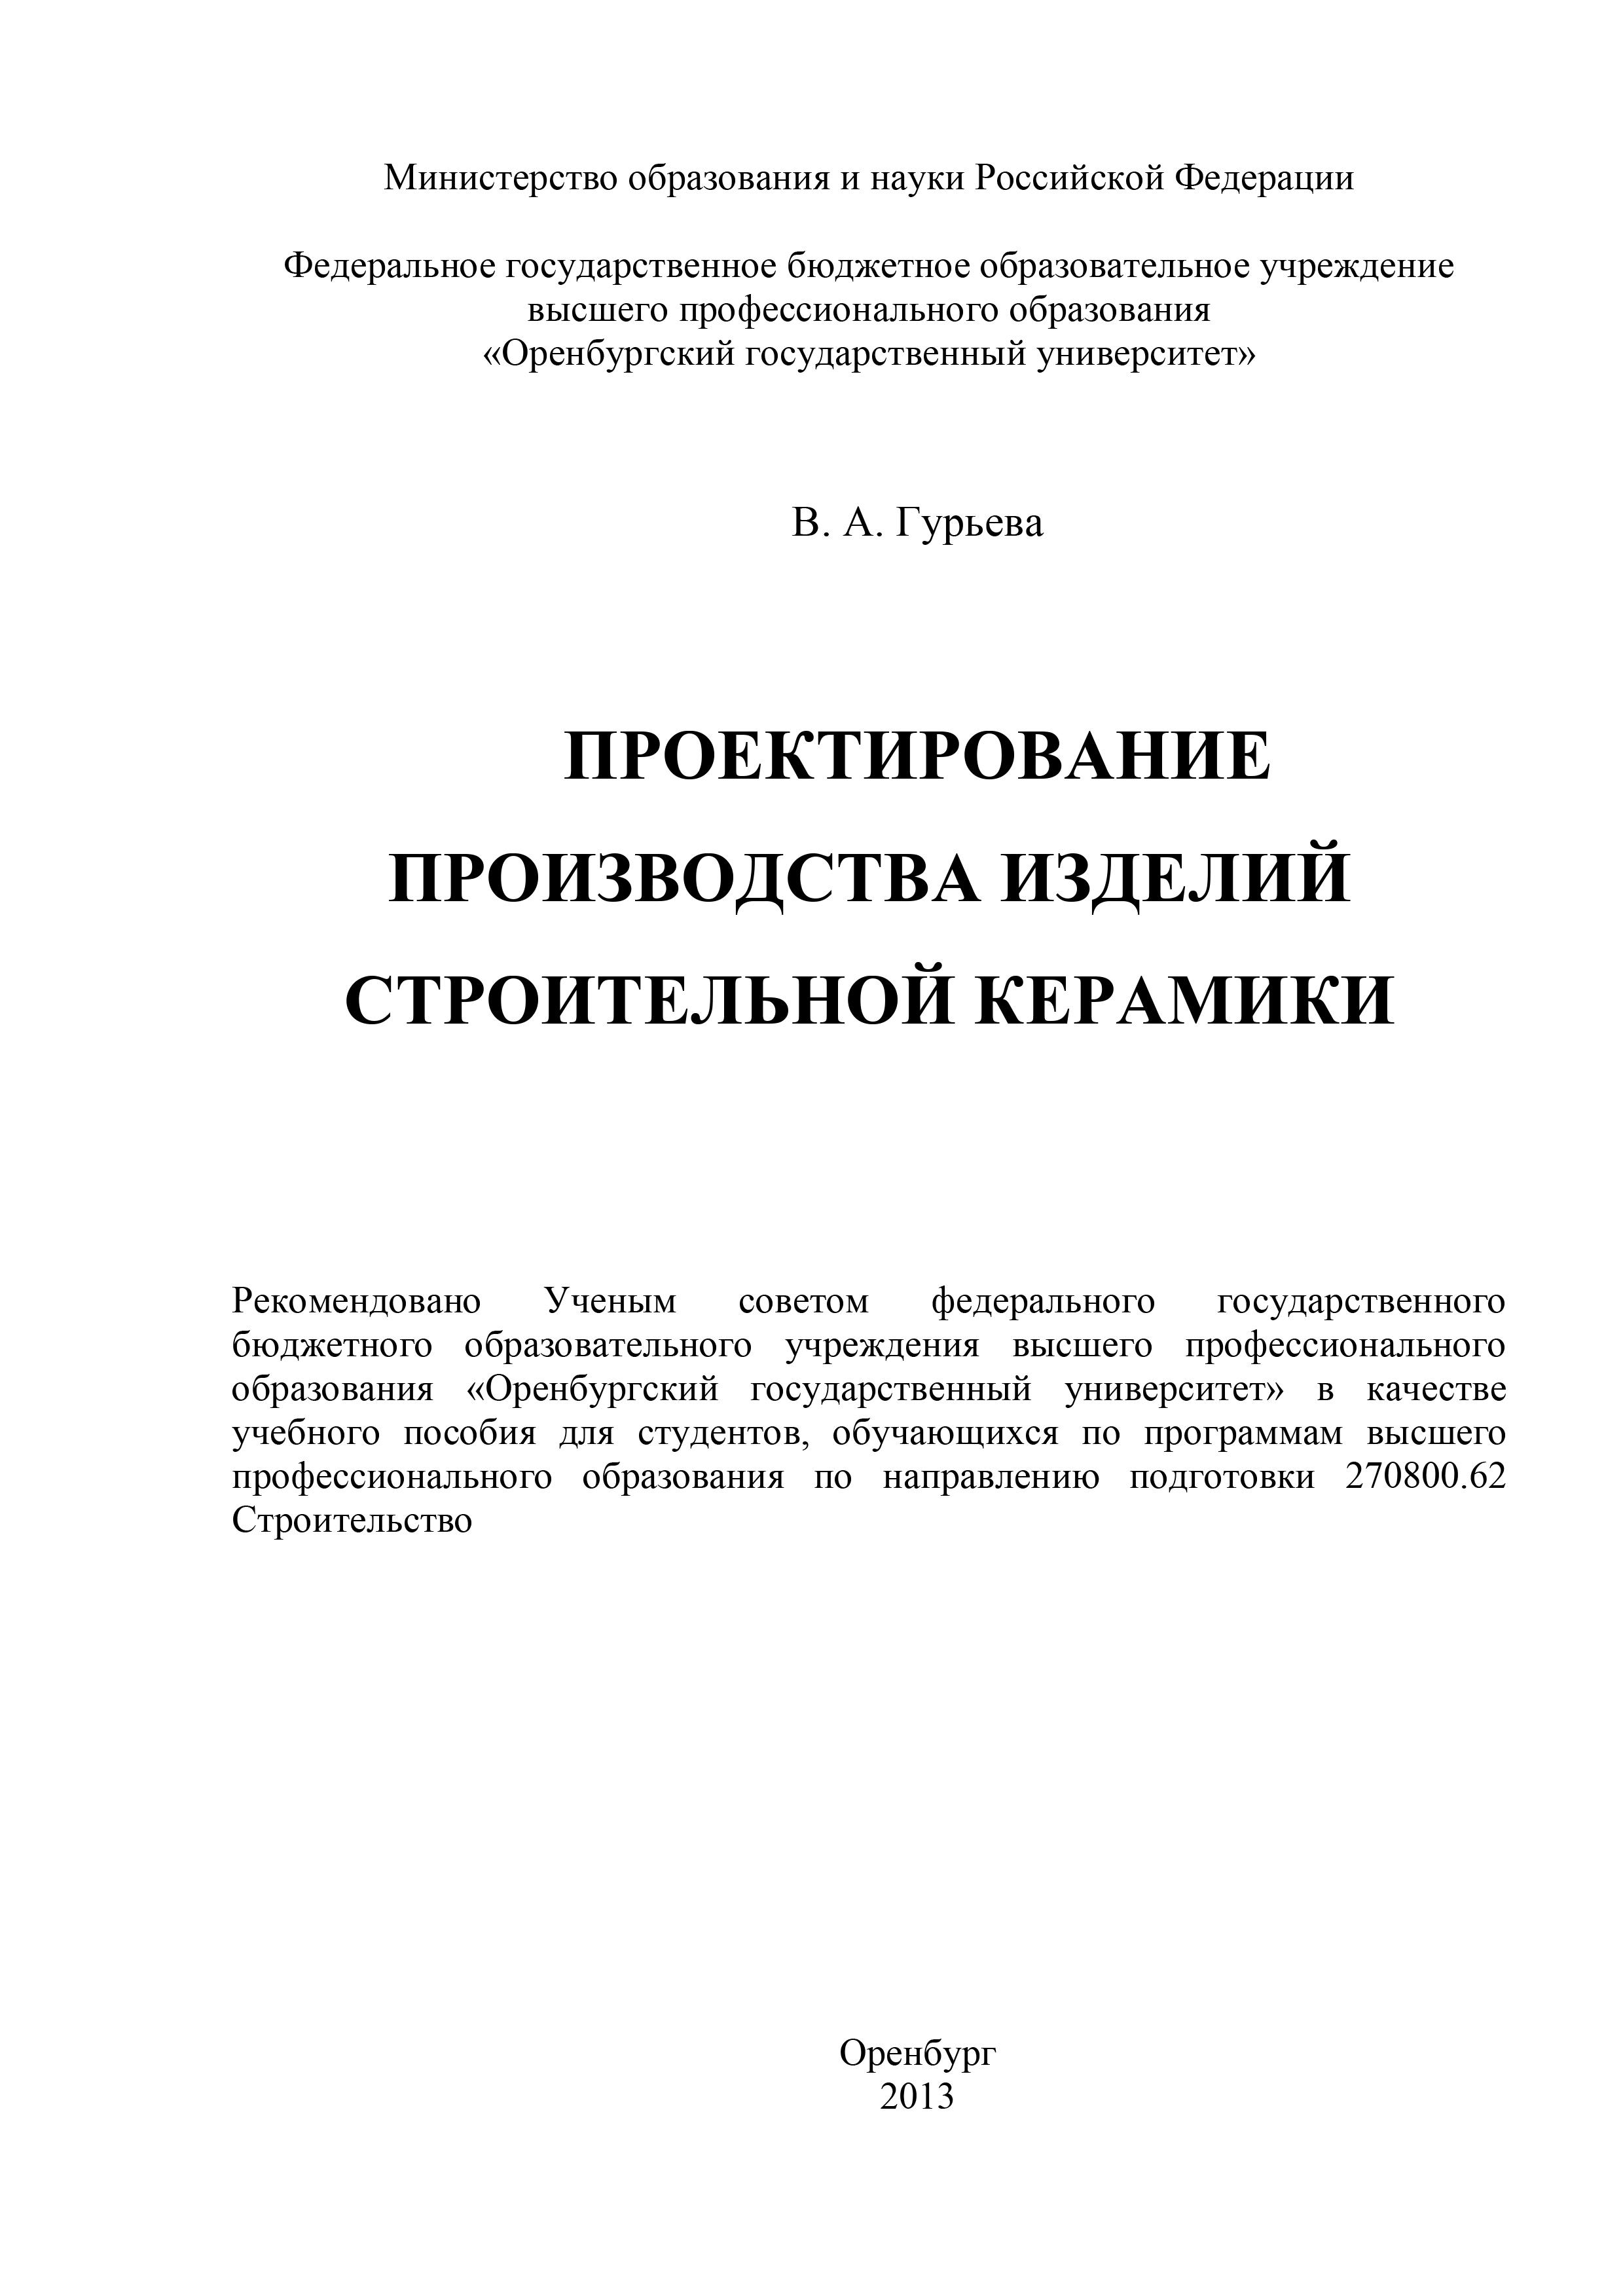 В. Гурьева Проектирование производства изделий строительной керамики цены онлайн